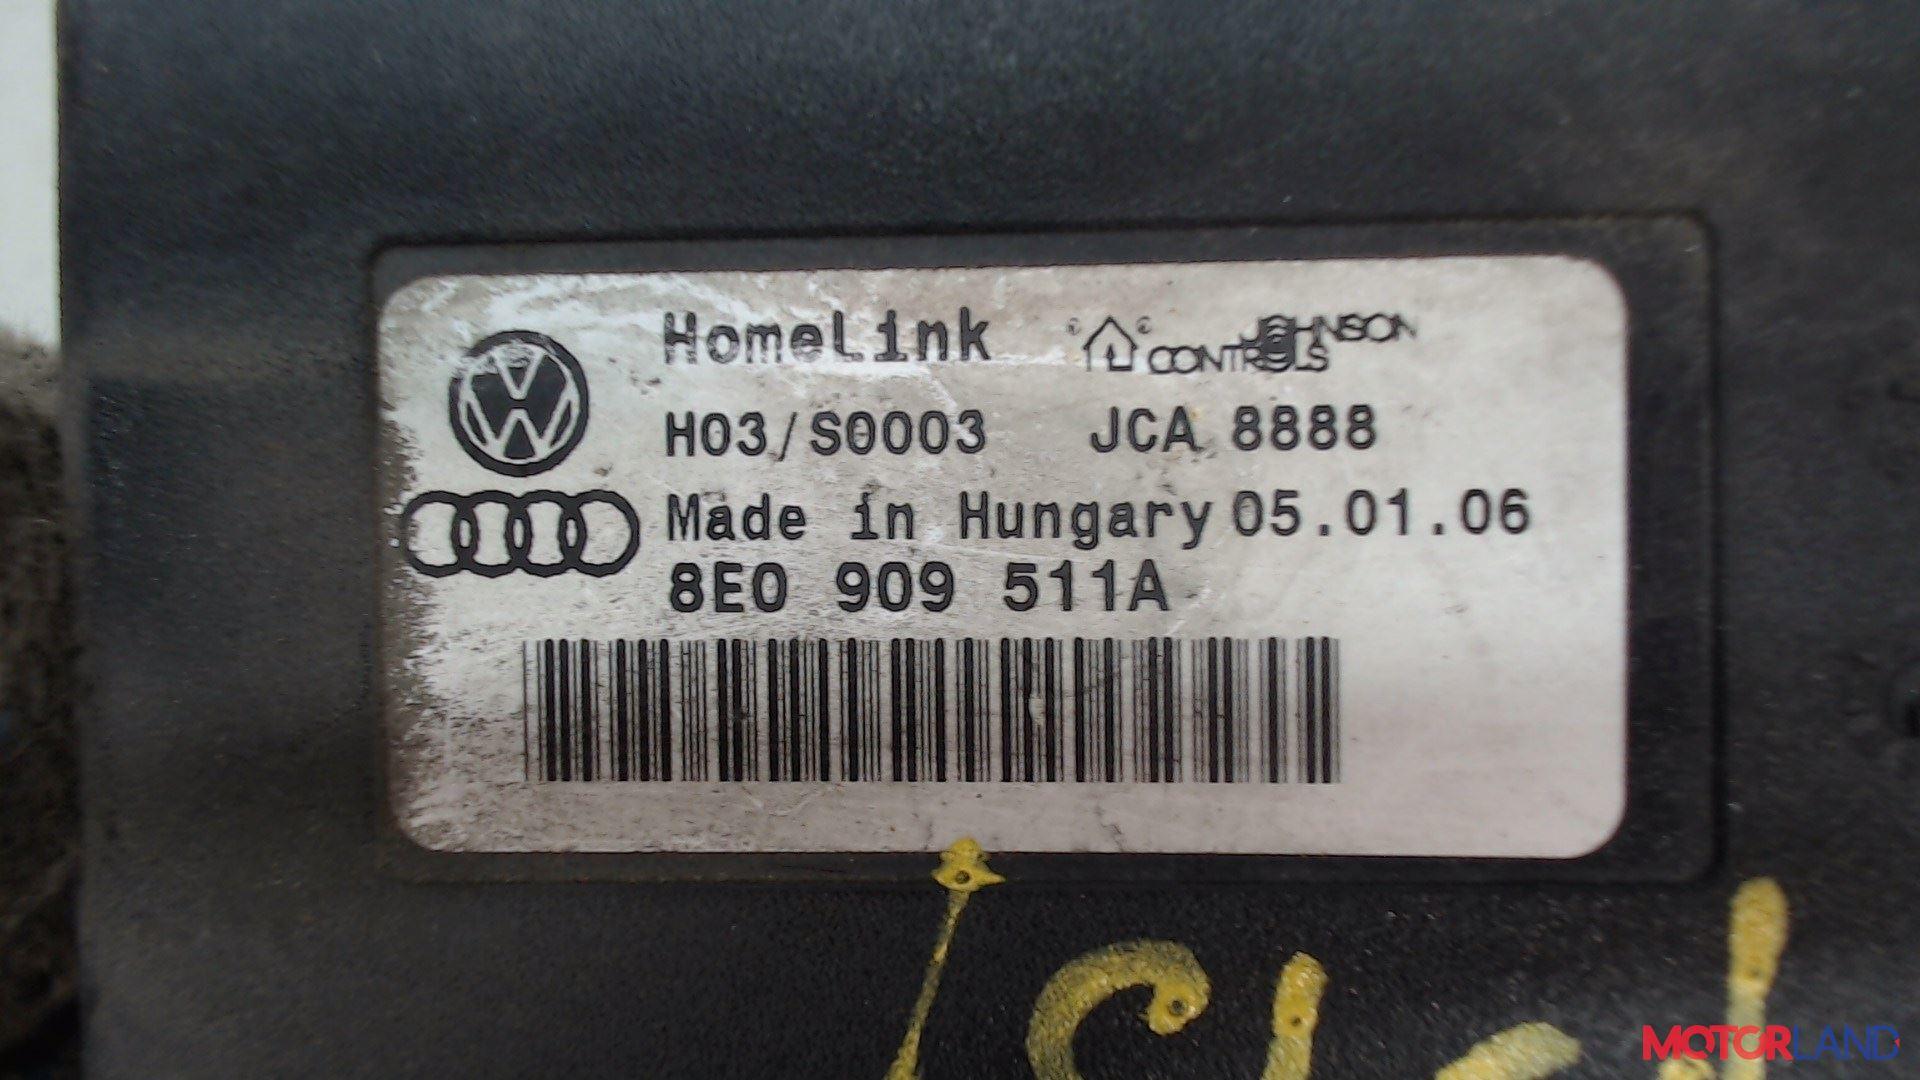 Блок управления (ЭБУ) Audi A6 (C6) 2005-2011 3.2 л. 2006 BKH б/у #4